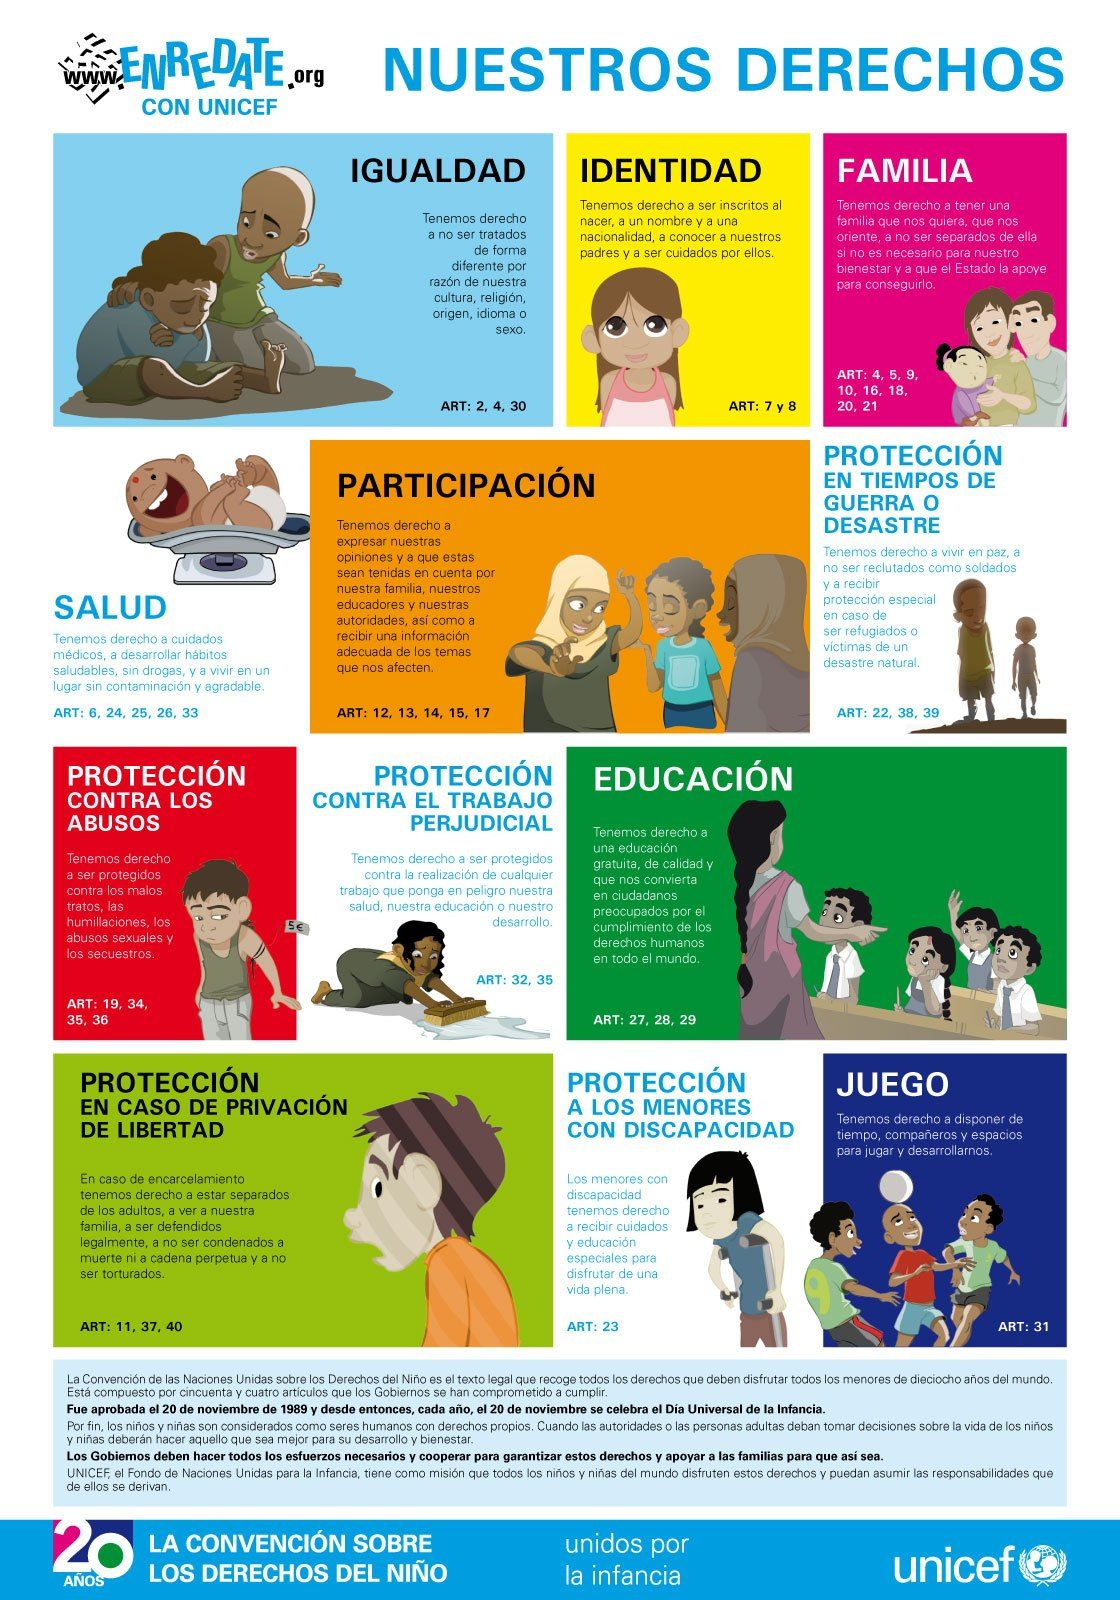 Tus Derechos Mis Derechos Derechos De Los Ninos Imagenes De Los Derechos Derechos Humanos Para Ninos